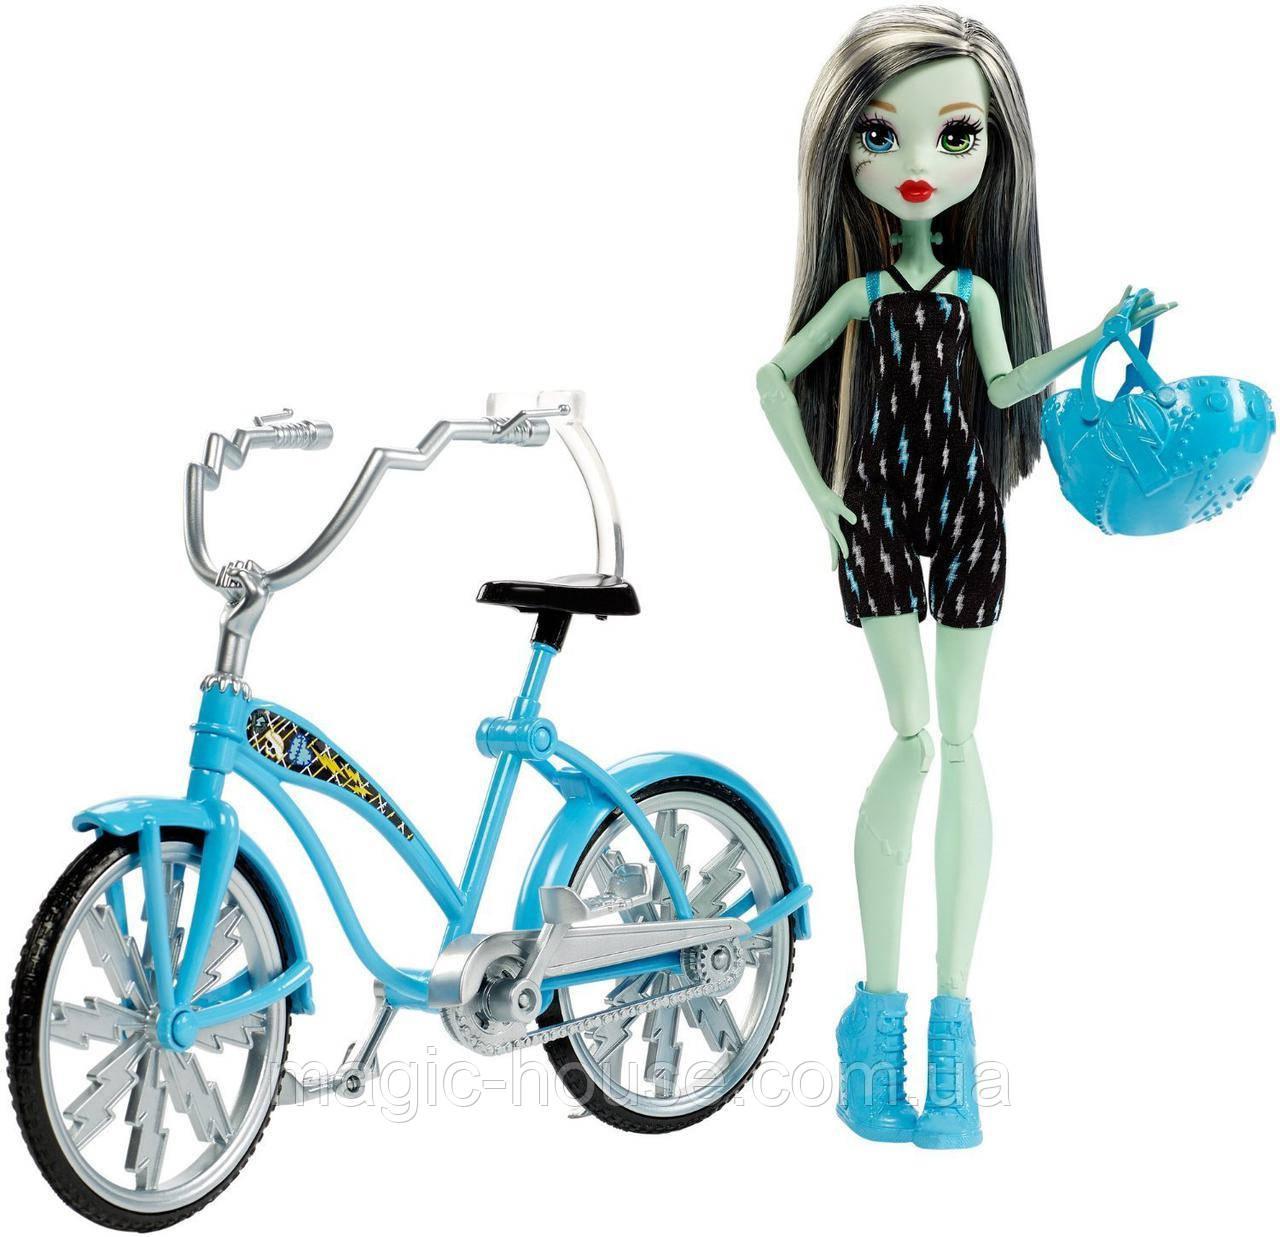 Кукла Монстер Хай Френки Штейн на велосипеде Оригинал от Маттел Monster High Bol Frankie Stein Doll & Vehicle